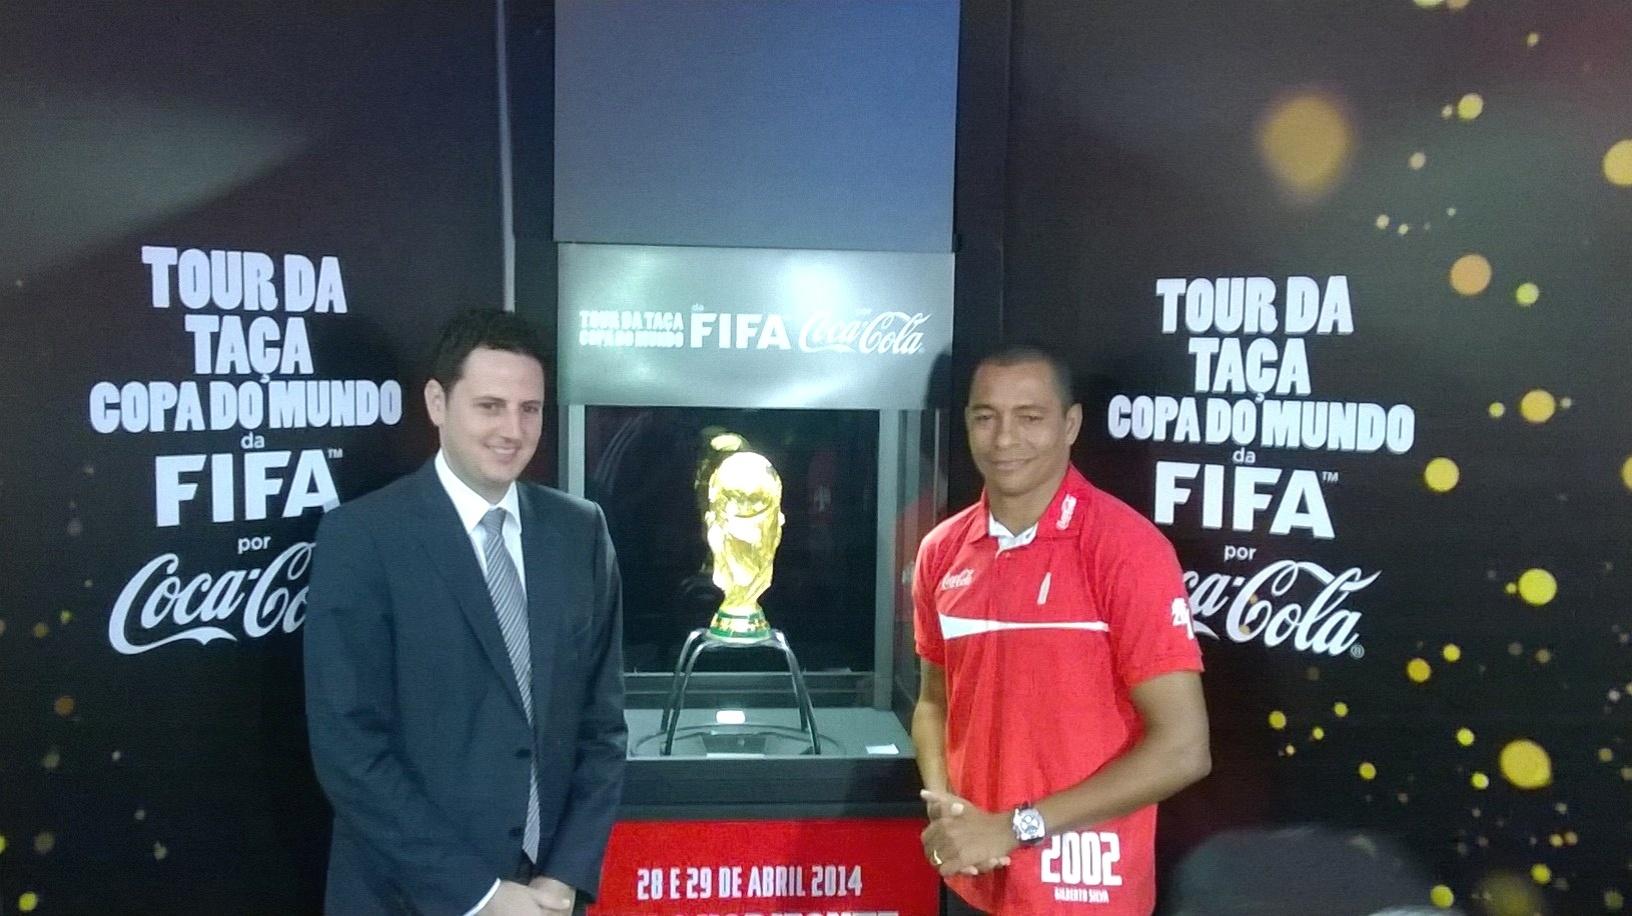 Pentacampeão Gilberto Silva visita a Taça da Copa do Mundo ao lado do secretário estadual extraordinário para a Copa do Mundo, Tiago Lacerda